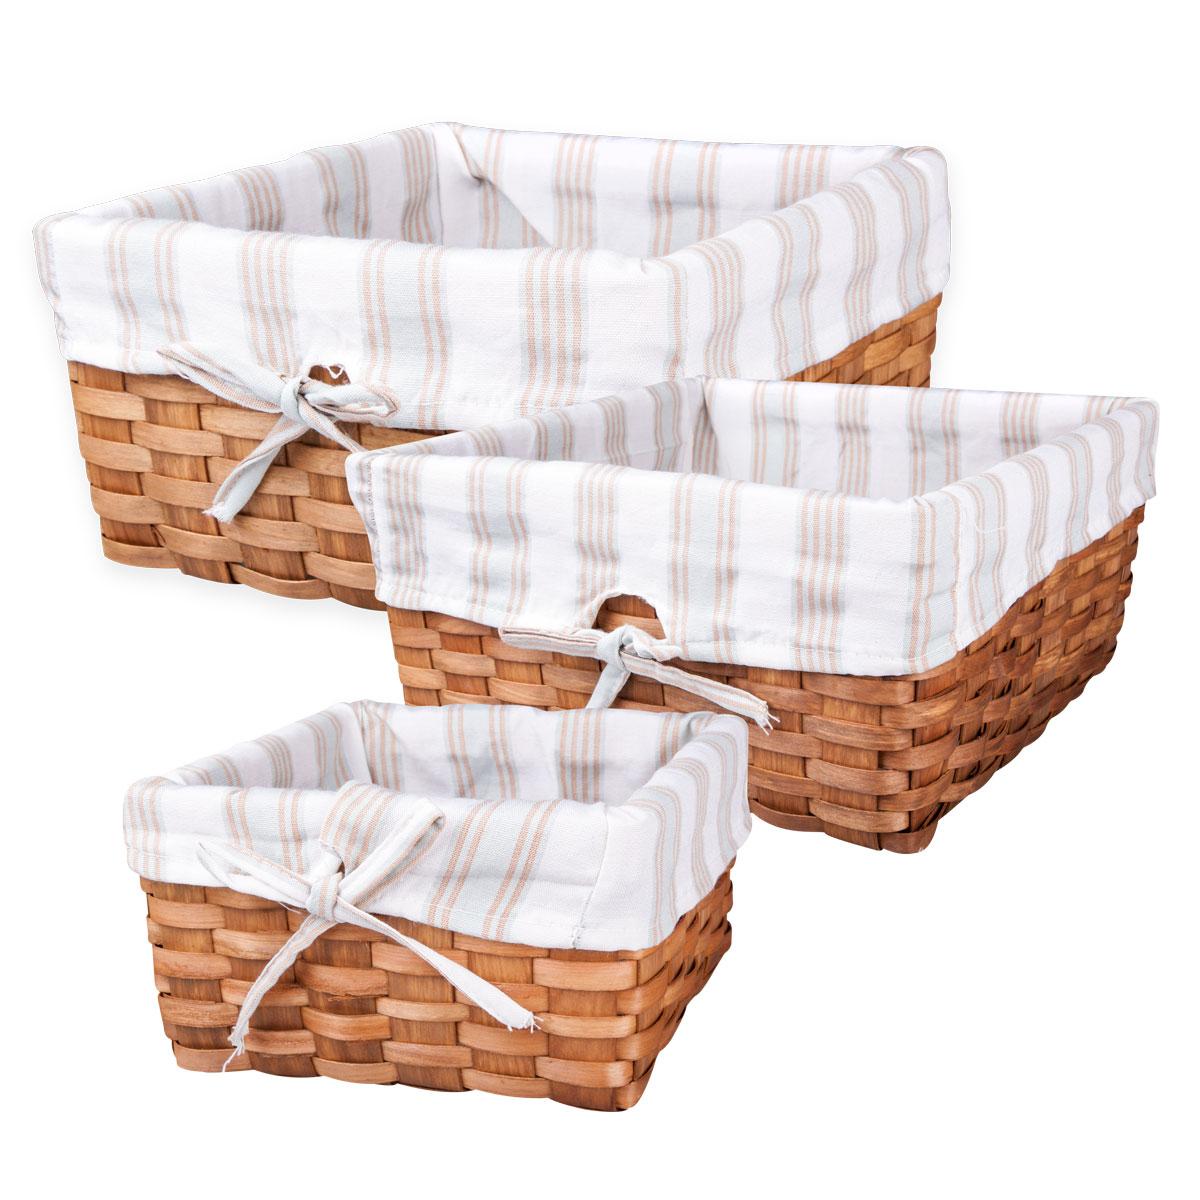 Набор из 3-х плетеных корзин. QL400339 набор из 3 х плетеных корзин ql400339